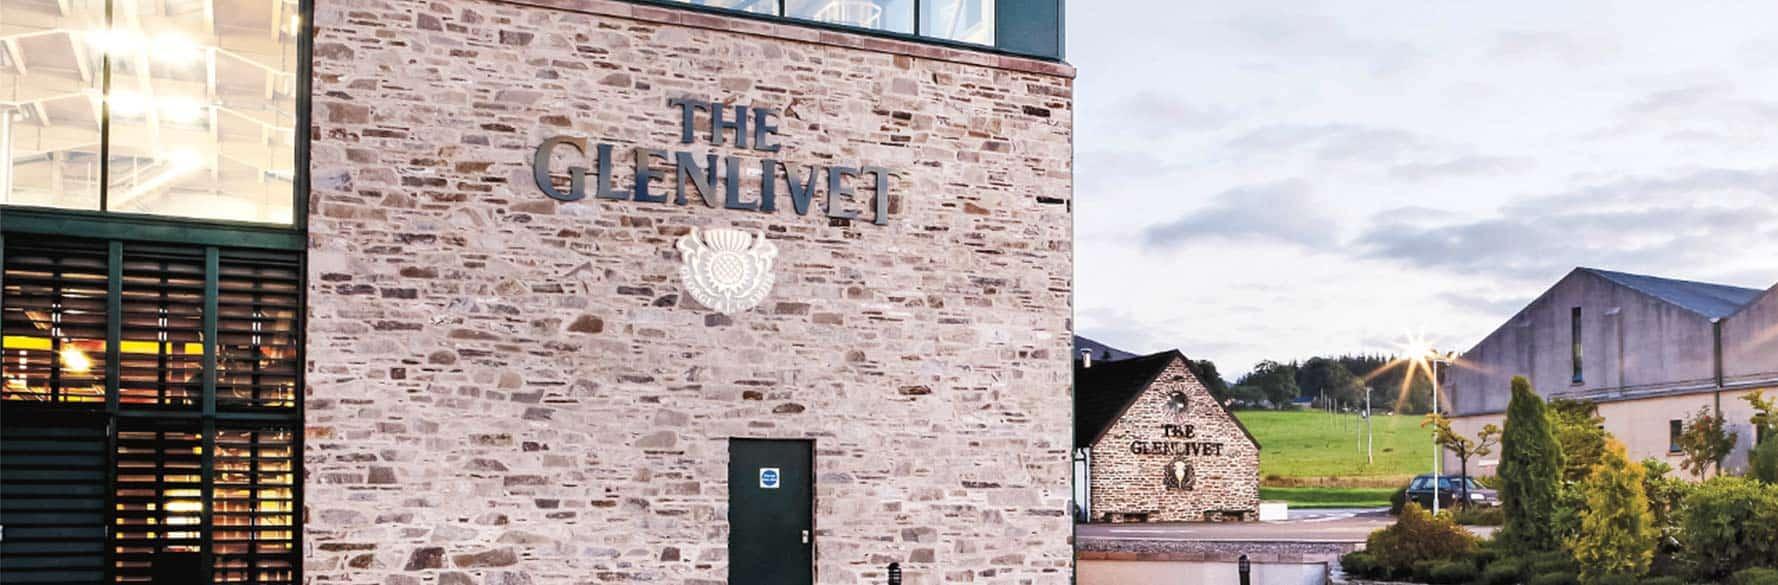 whisky escocés Glenlivet destilería portada